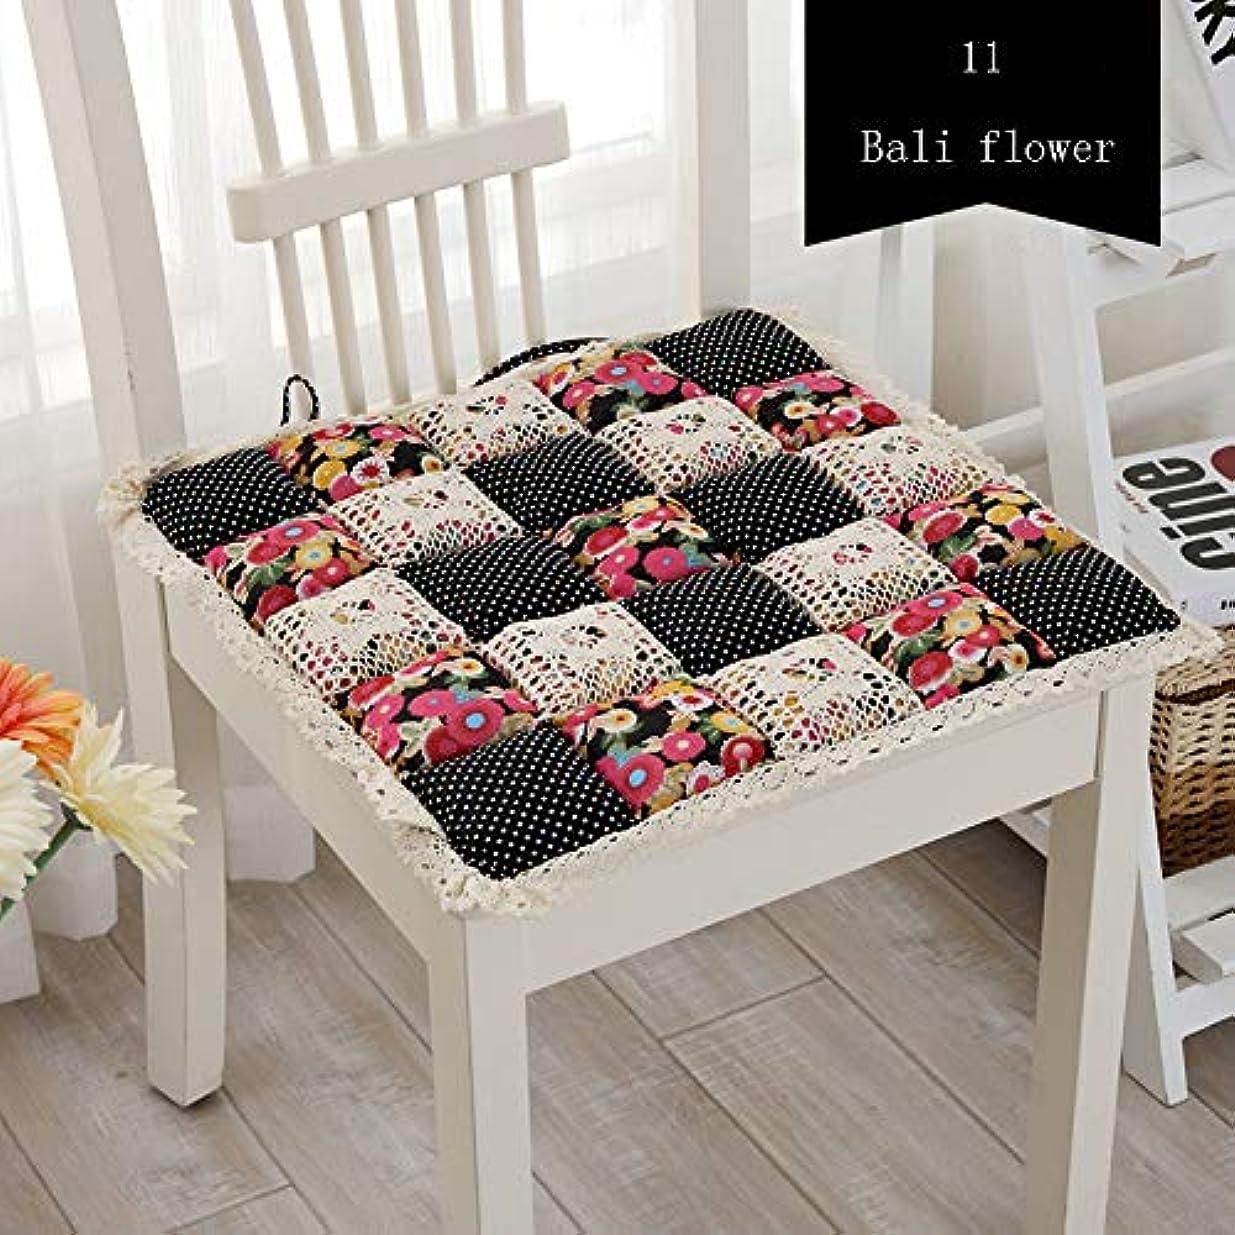 勝利した周り上げるLIFE 1 個抗褥瘡綿椅子クッション 24 色ファッションオフィス正方形クッション学生チェアクッション家の装飾厚み クッション 椅子